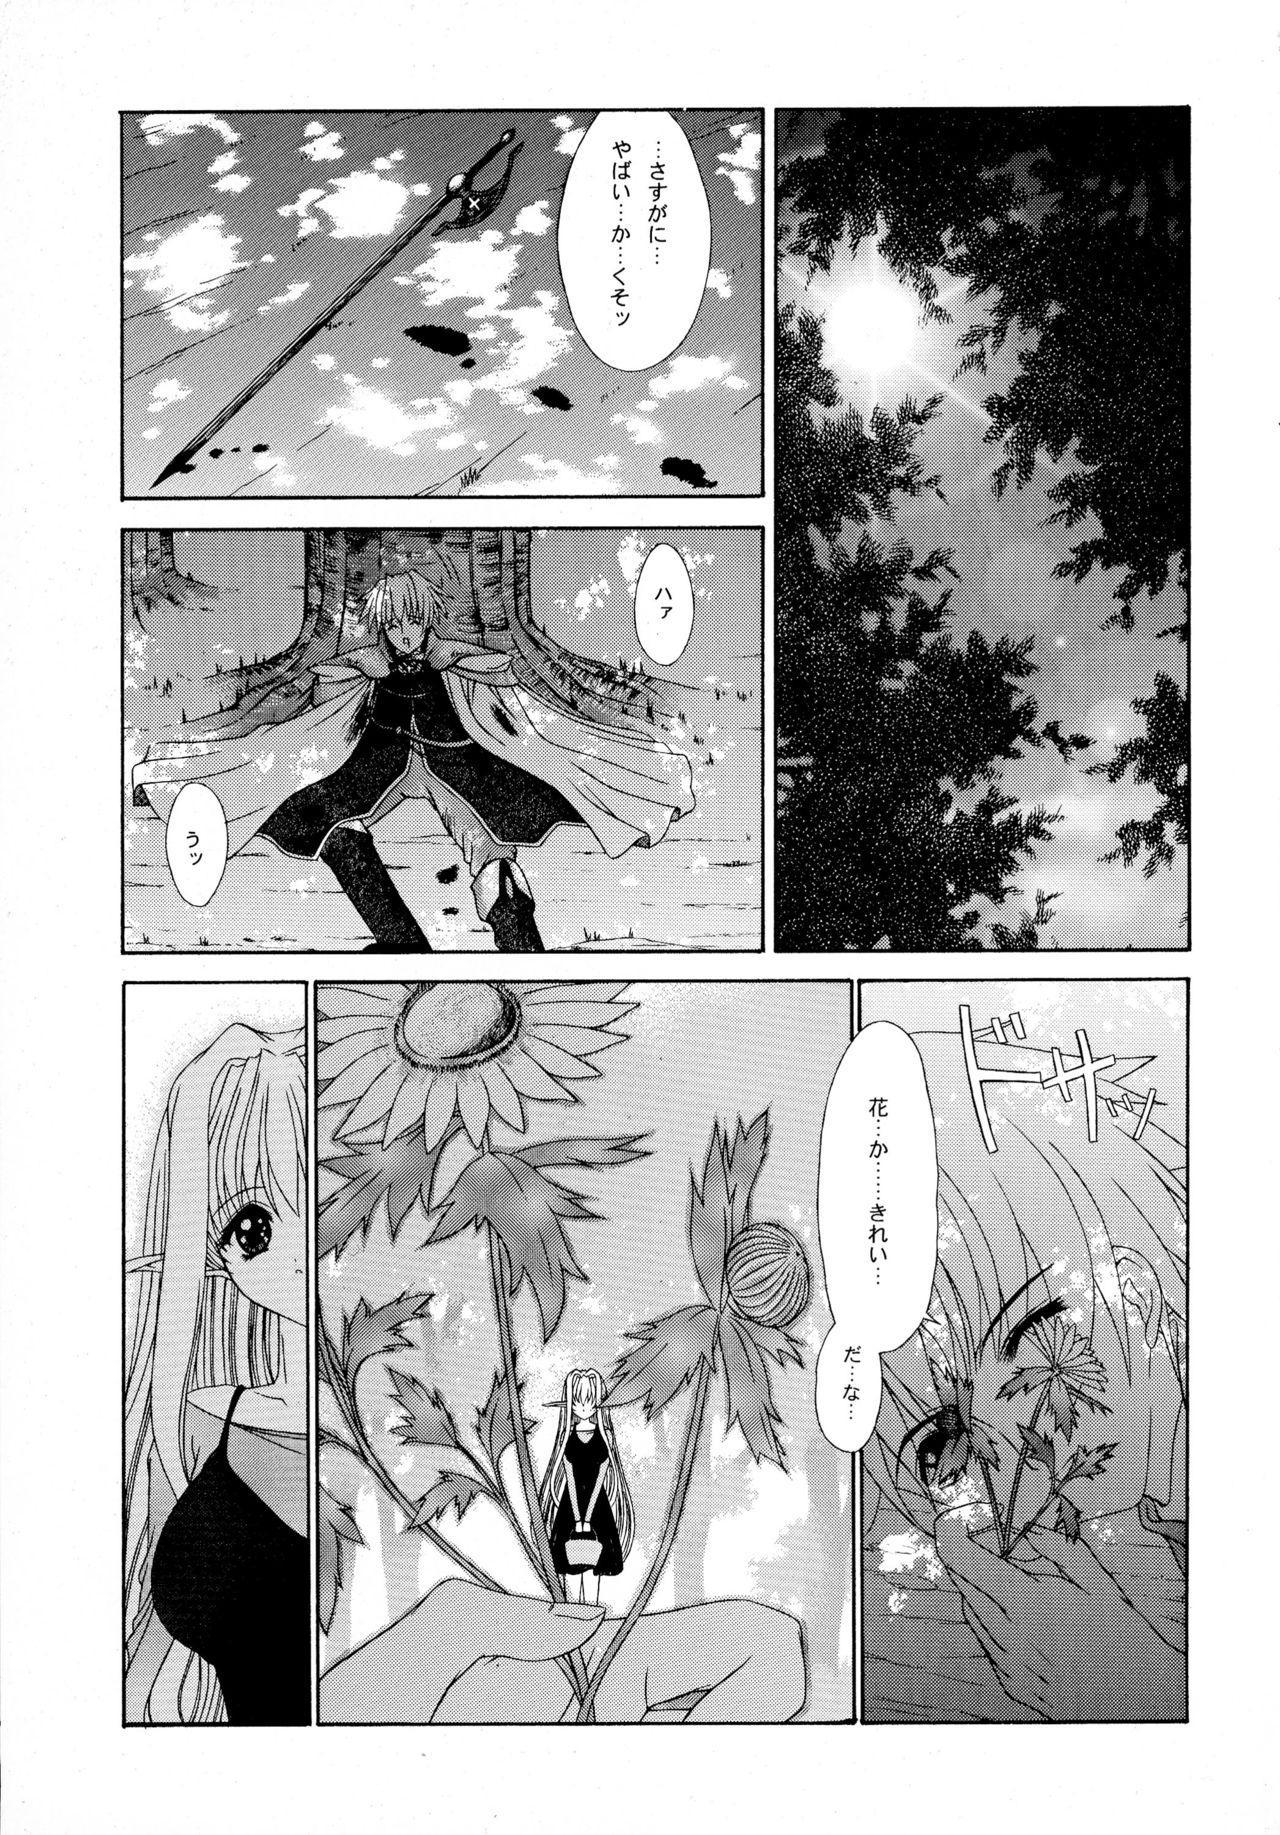 Haiiro no Gensoukyoku 3